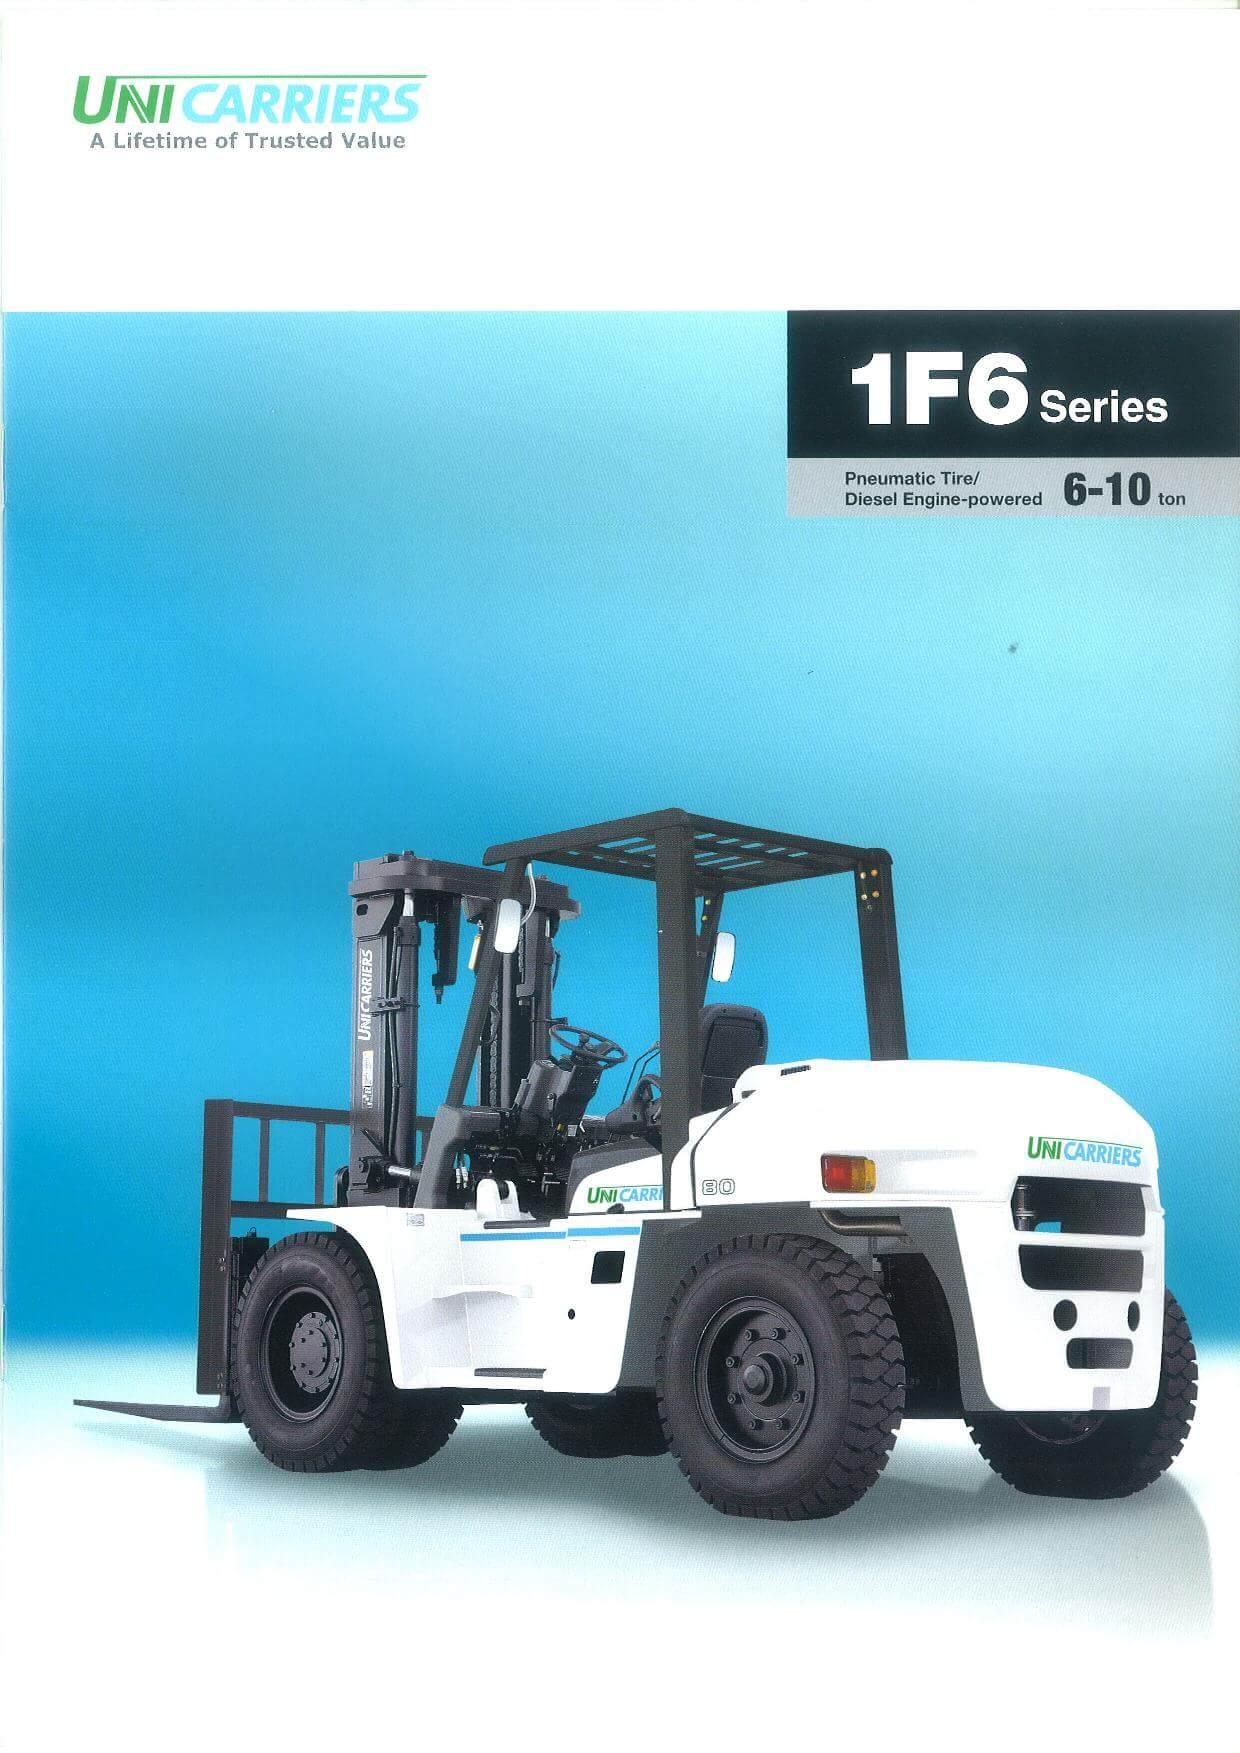 Unicarrier Disel Forklift